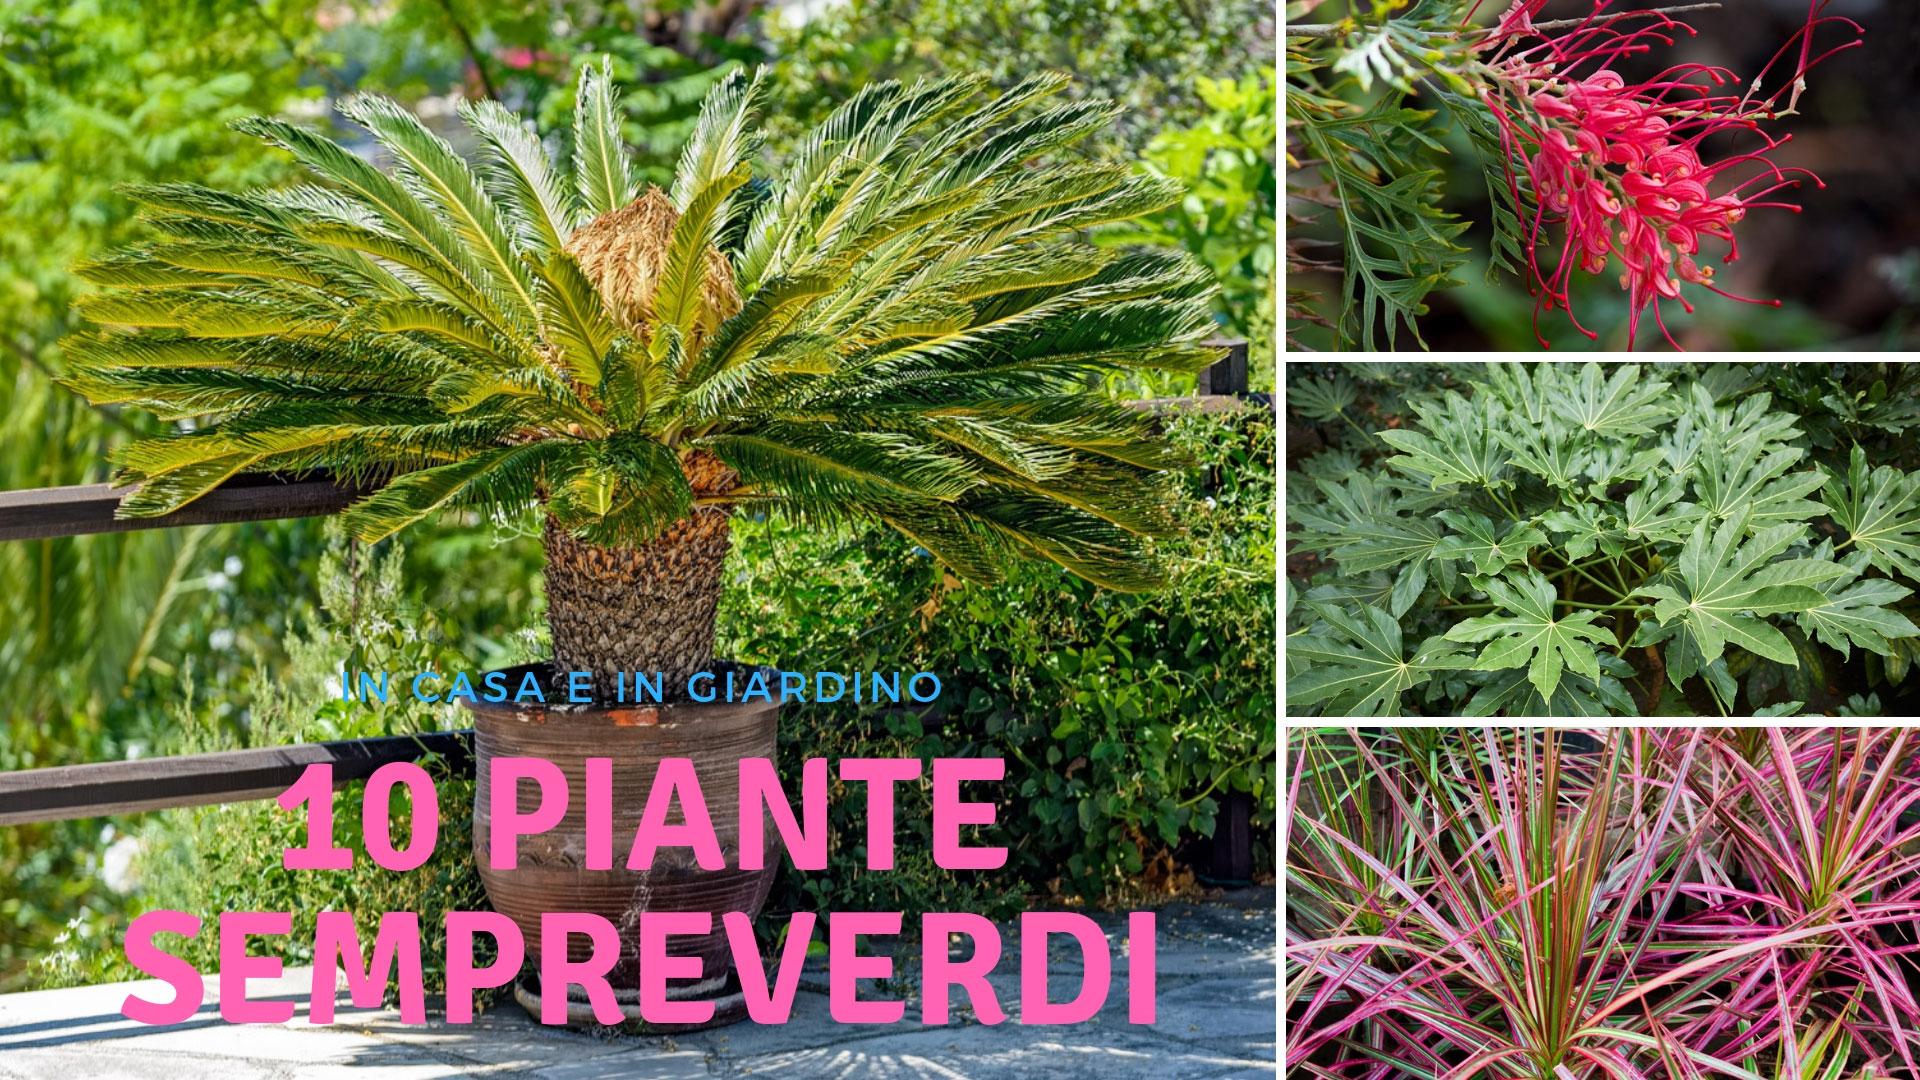 Piante Da Siepi Immagini piante sempreverdi | da giardino o in casa, anche fiorite